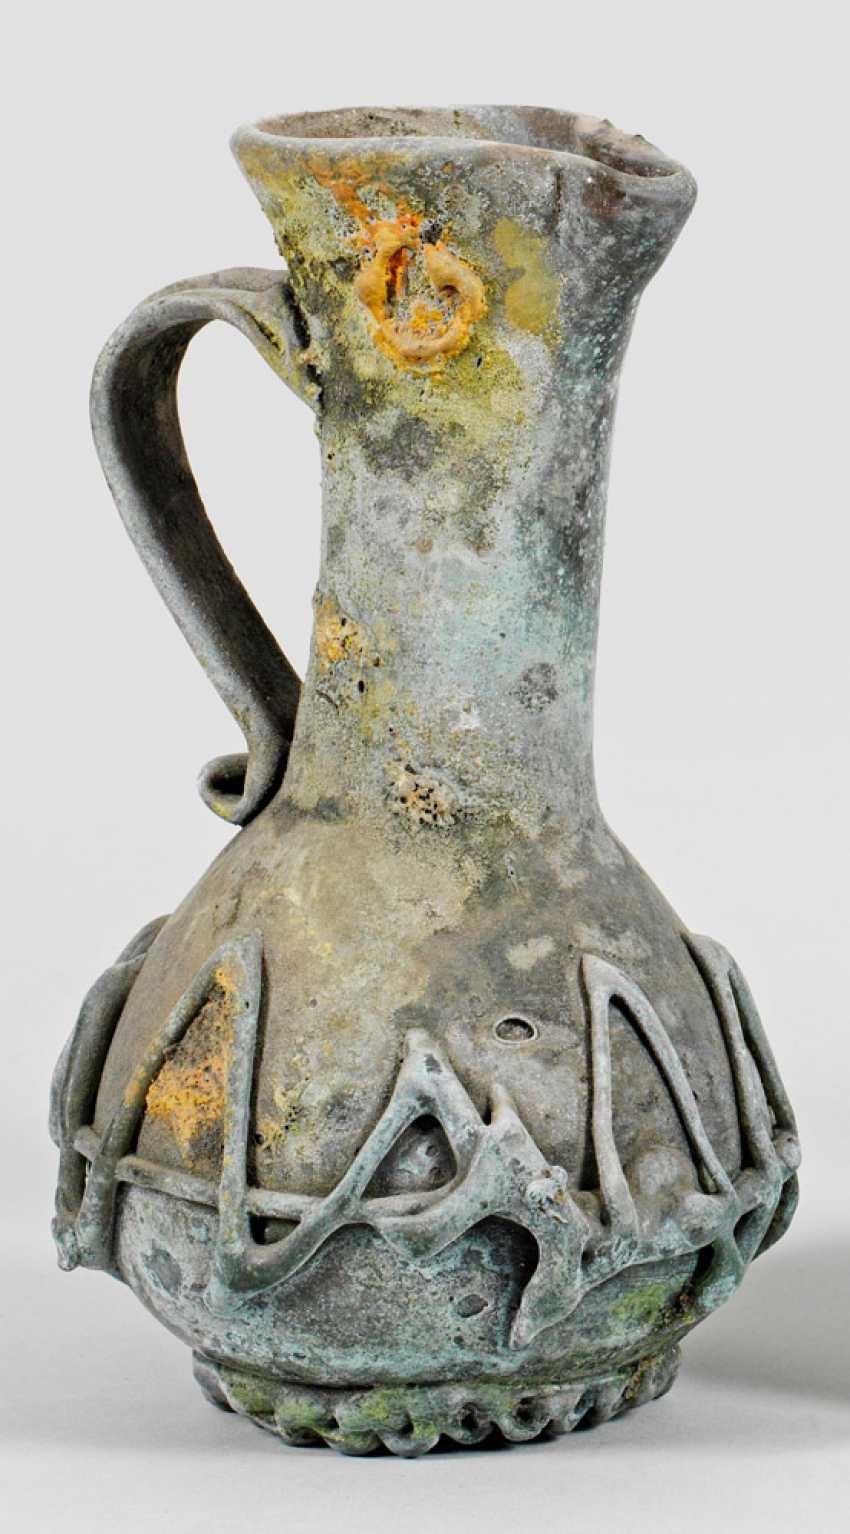 """Archaische Kannenvase """"Glass scavo von Ermanno Nason - photo 1"""